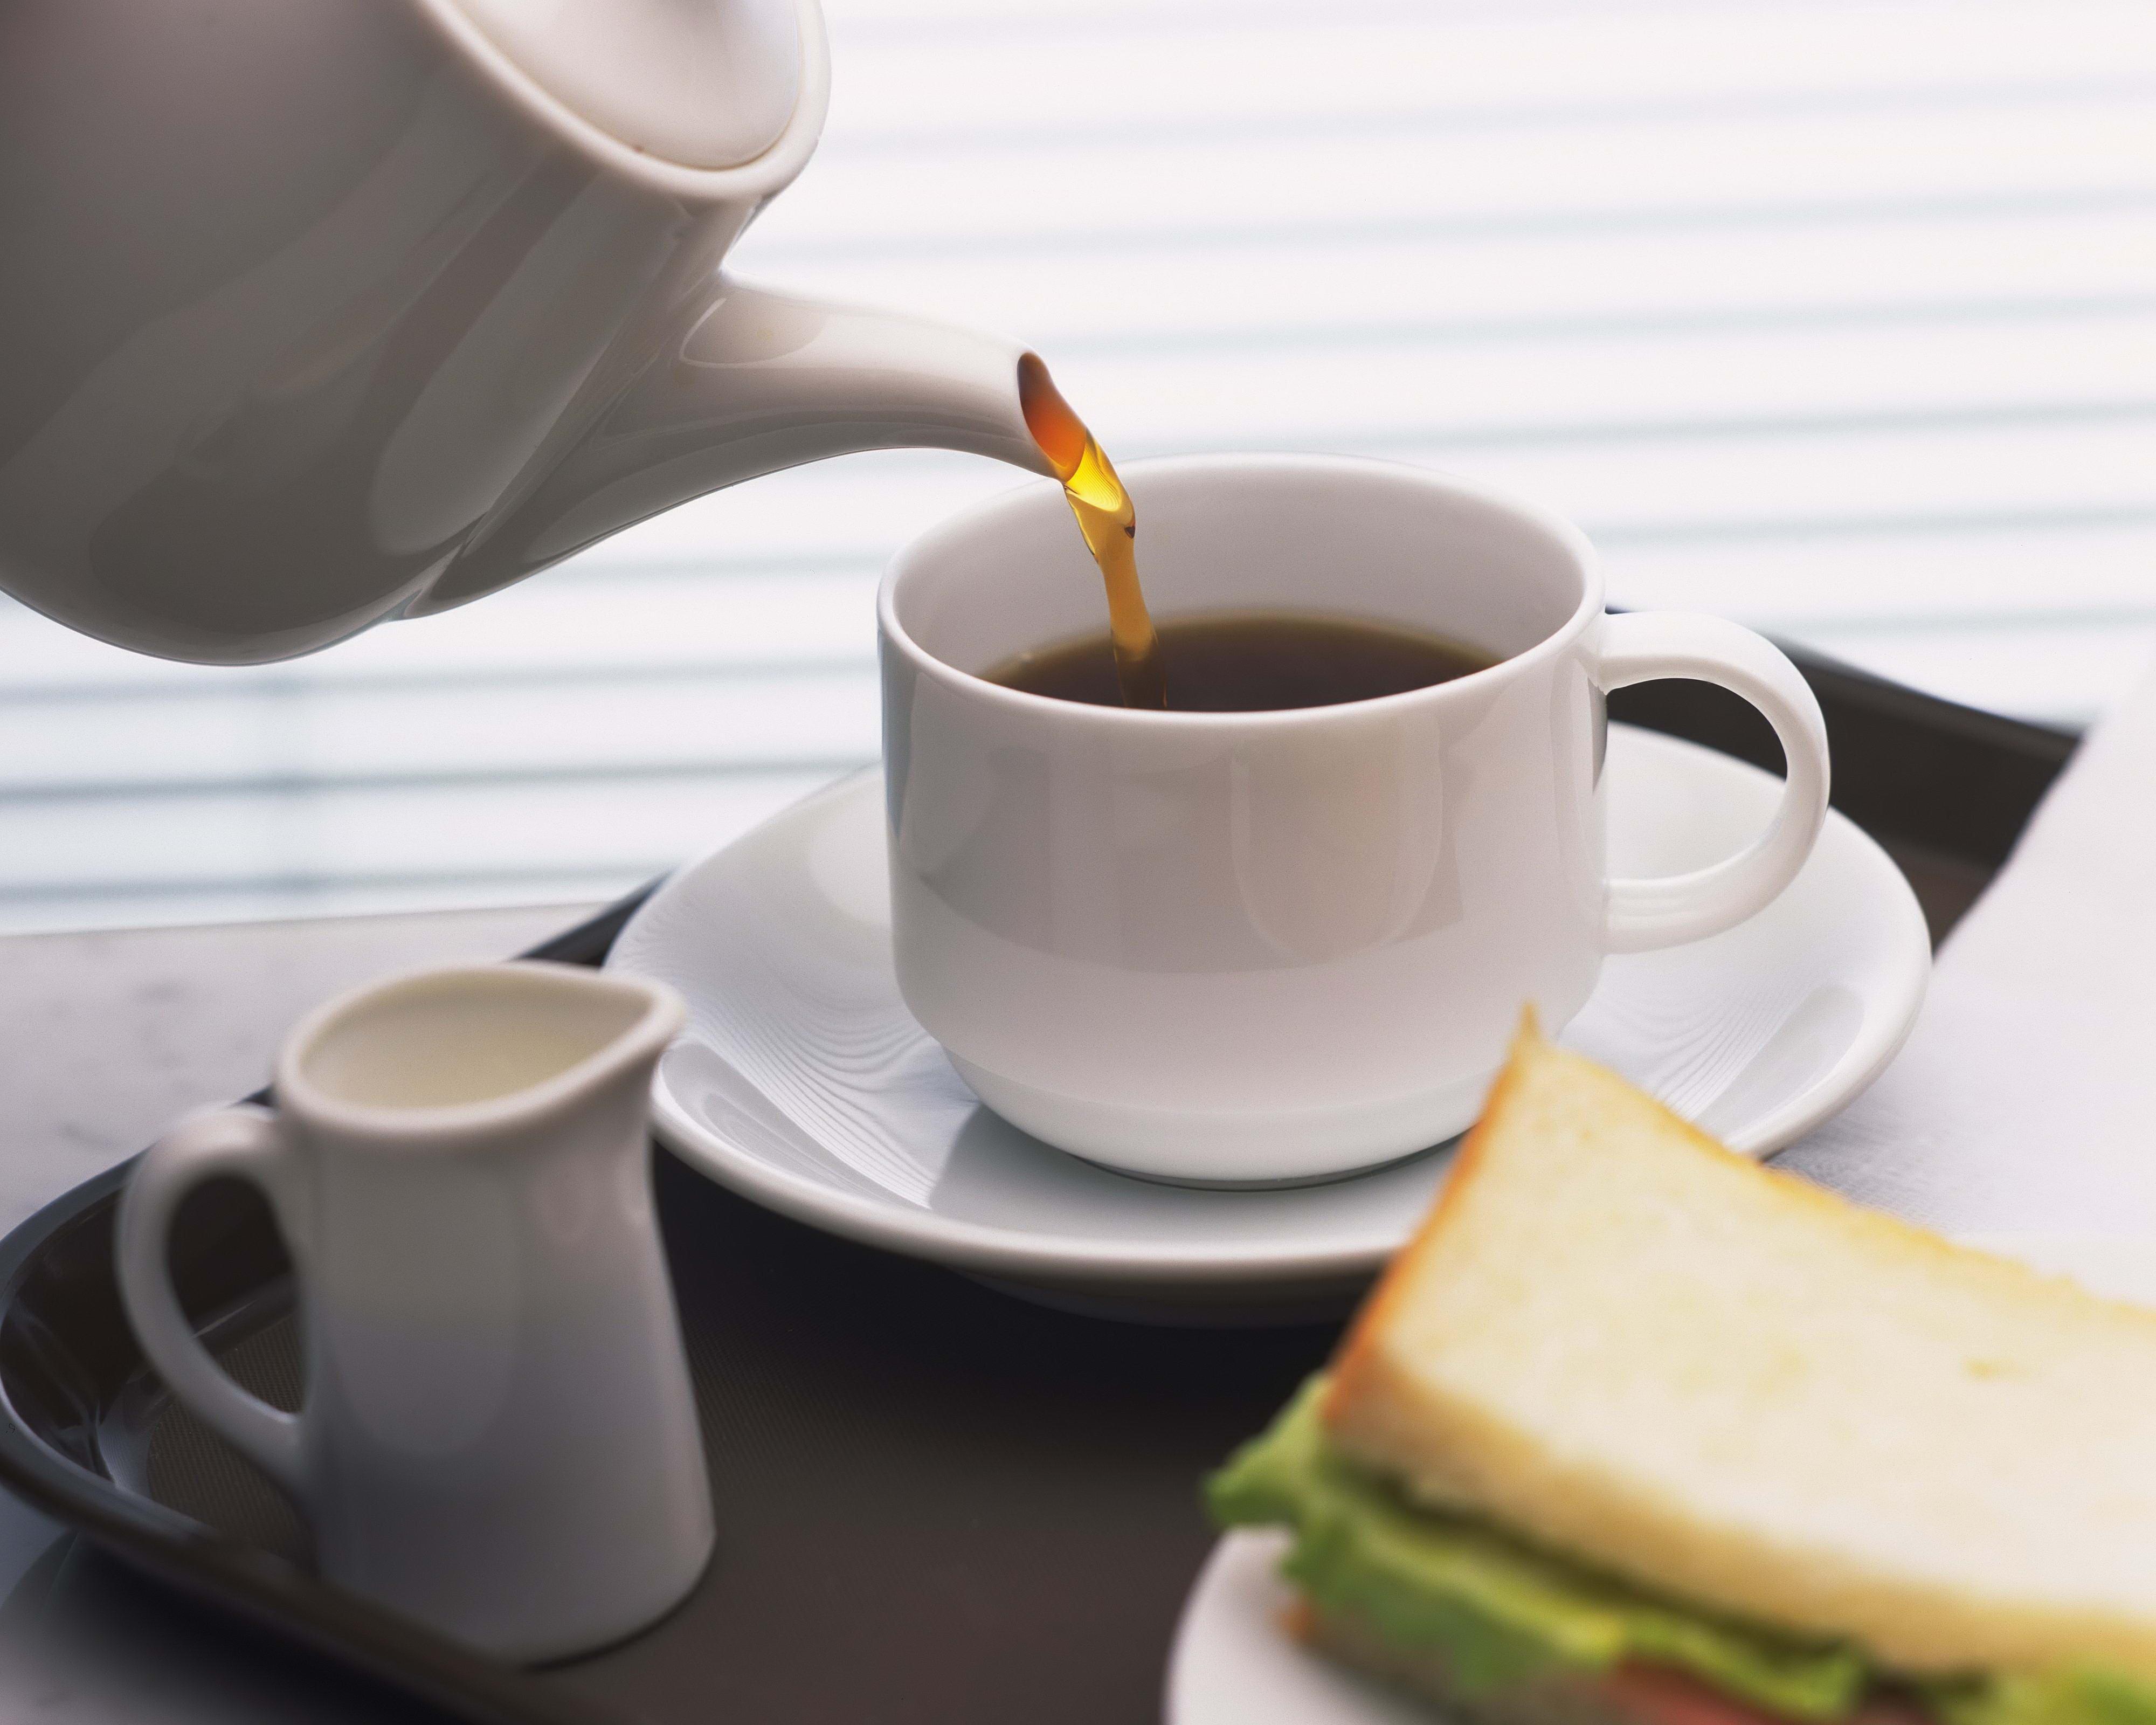 вот какого картинка с кружкой чая или кофе грани анорексии ассоциируются